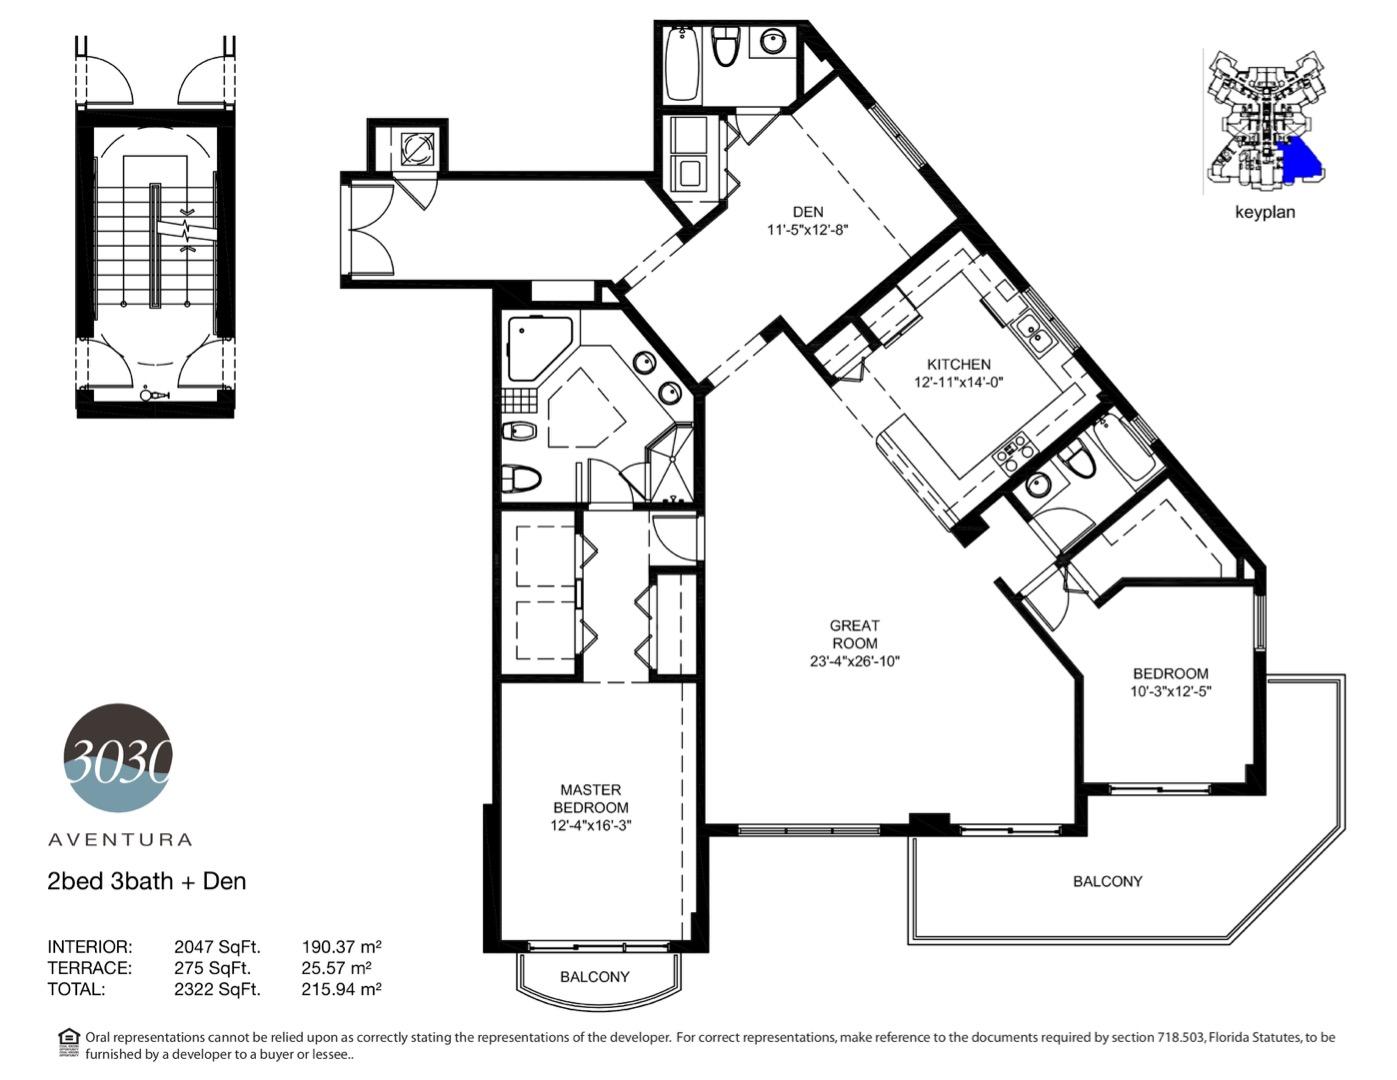 Floor plan image 05 - 2 + Den / 3  - 2322 sqft image